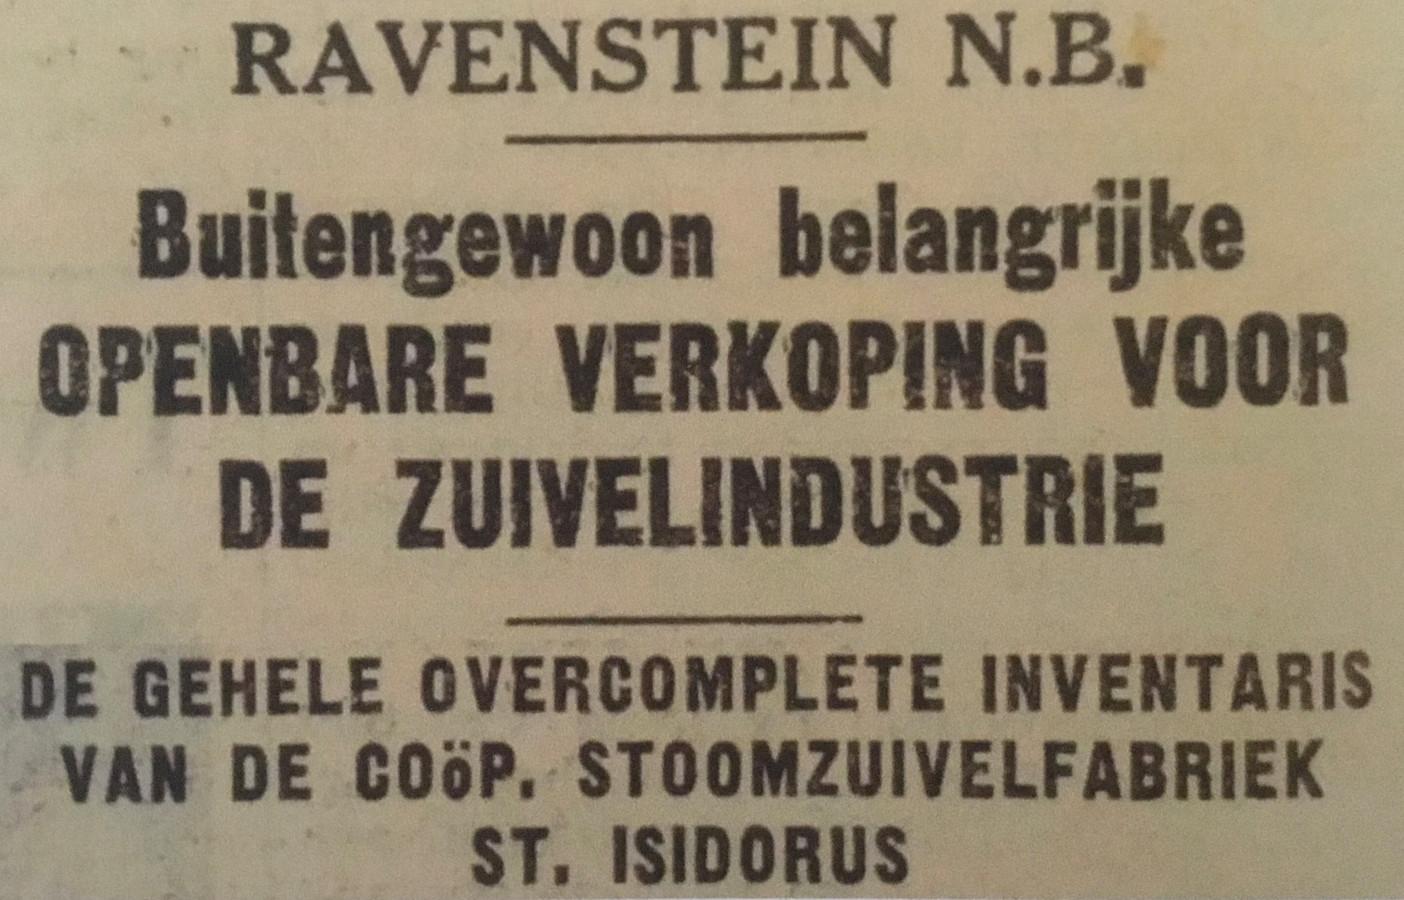 Op 22 september 1954 was de inventaris van de melkfabriek Sint Isidorus in Ravenstein voor de hoogste bieder